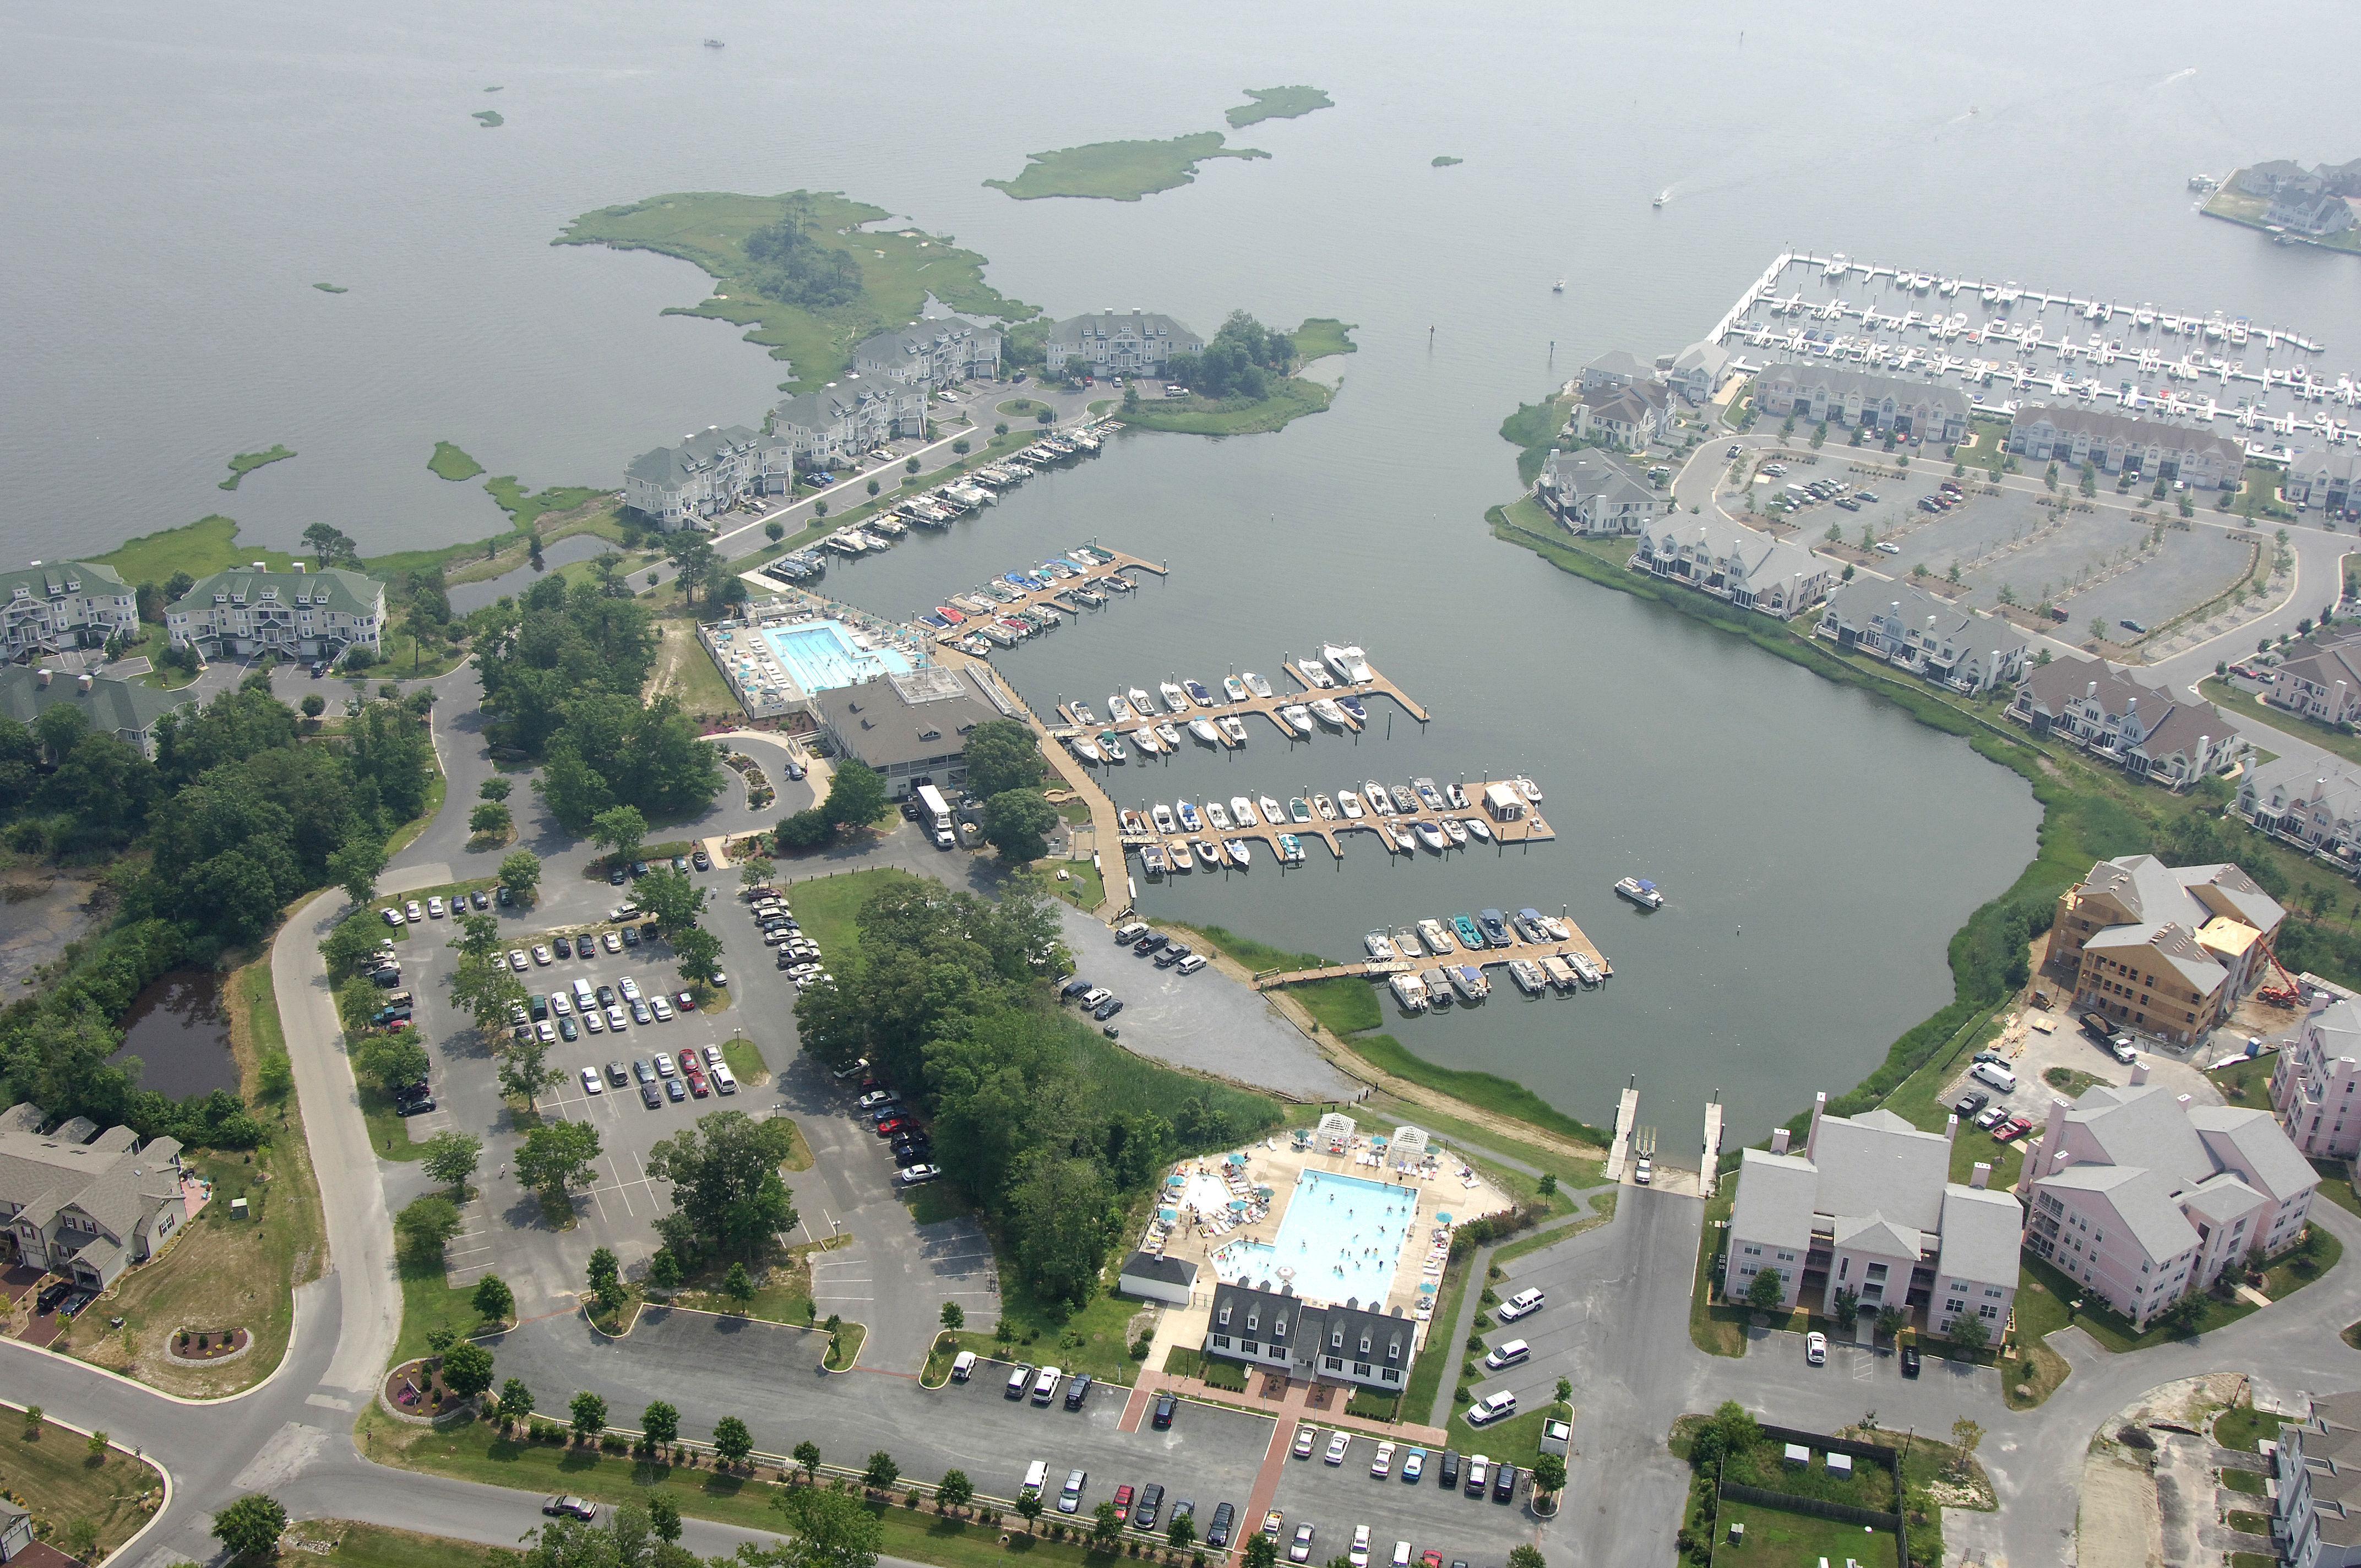 Ocean Pines Md >> Ocean Pines Association Yacht Club Marina In Ocean Pines Md